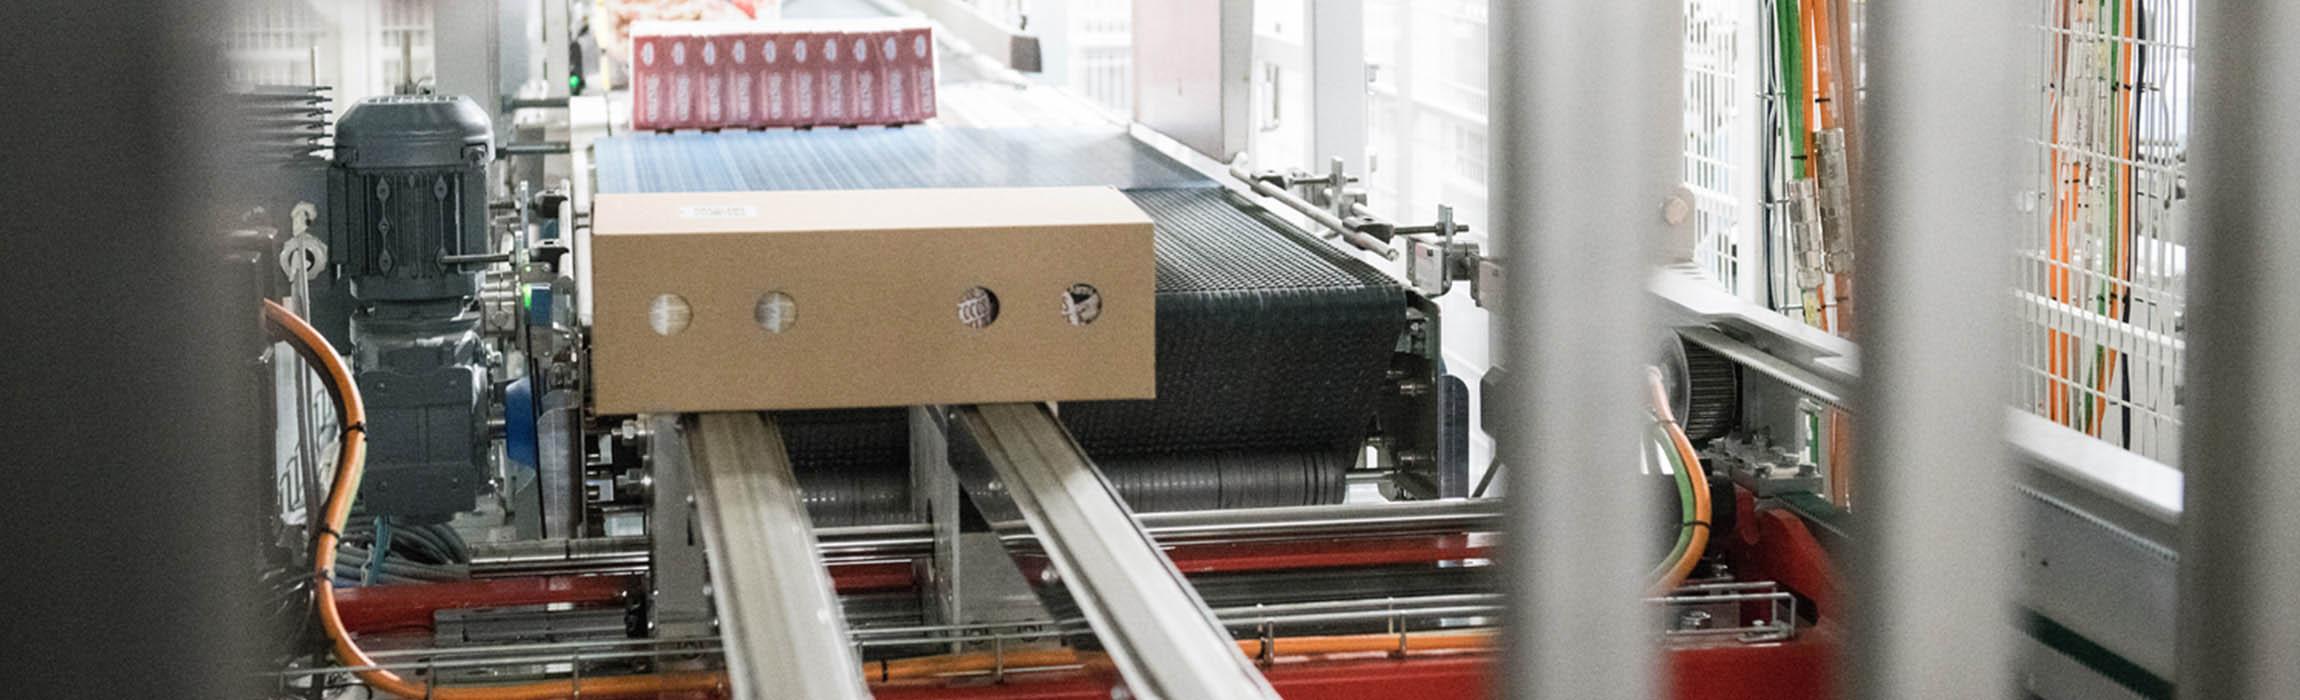 Stax est notre palettisation semi-automatique et entièrement automatique de conteneurs pour votre intralogistique.